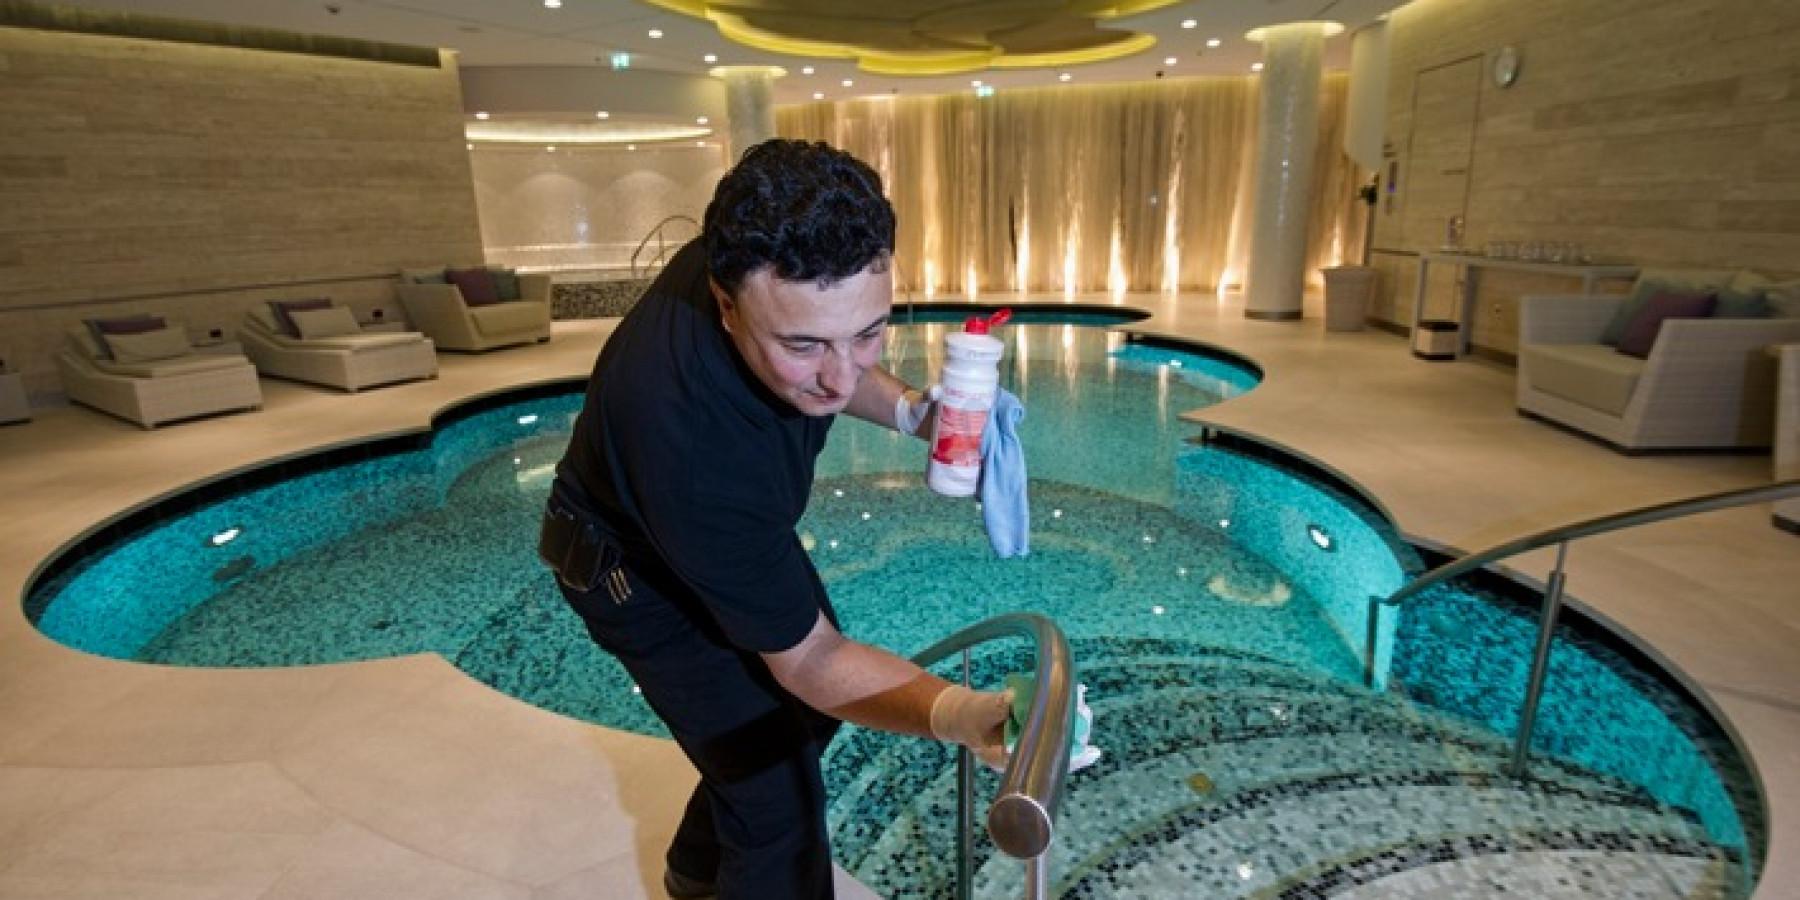 Sauberkeit ist entscheidend für das Wohlbefinden der Gäste